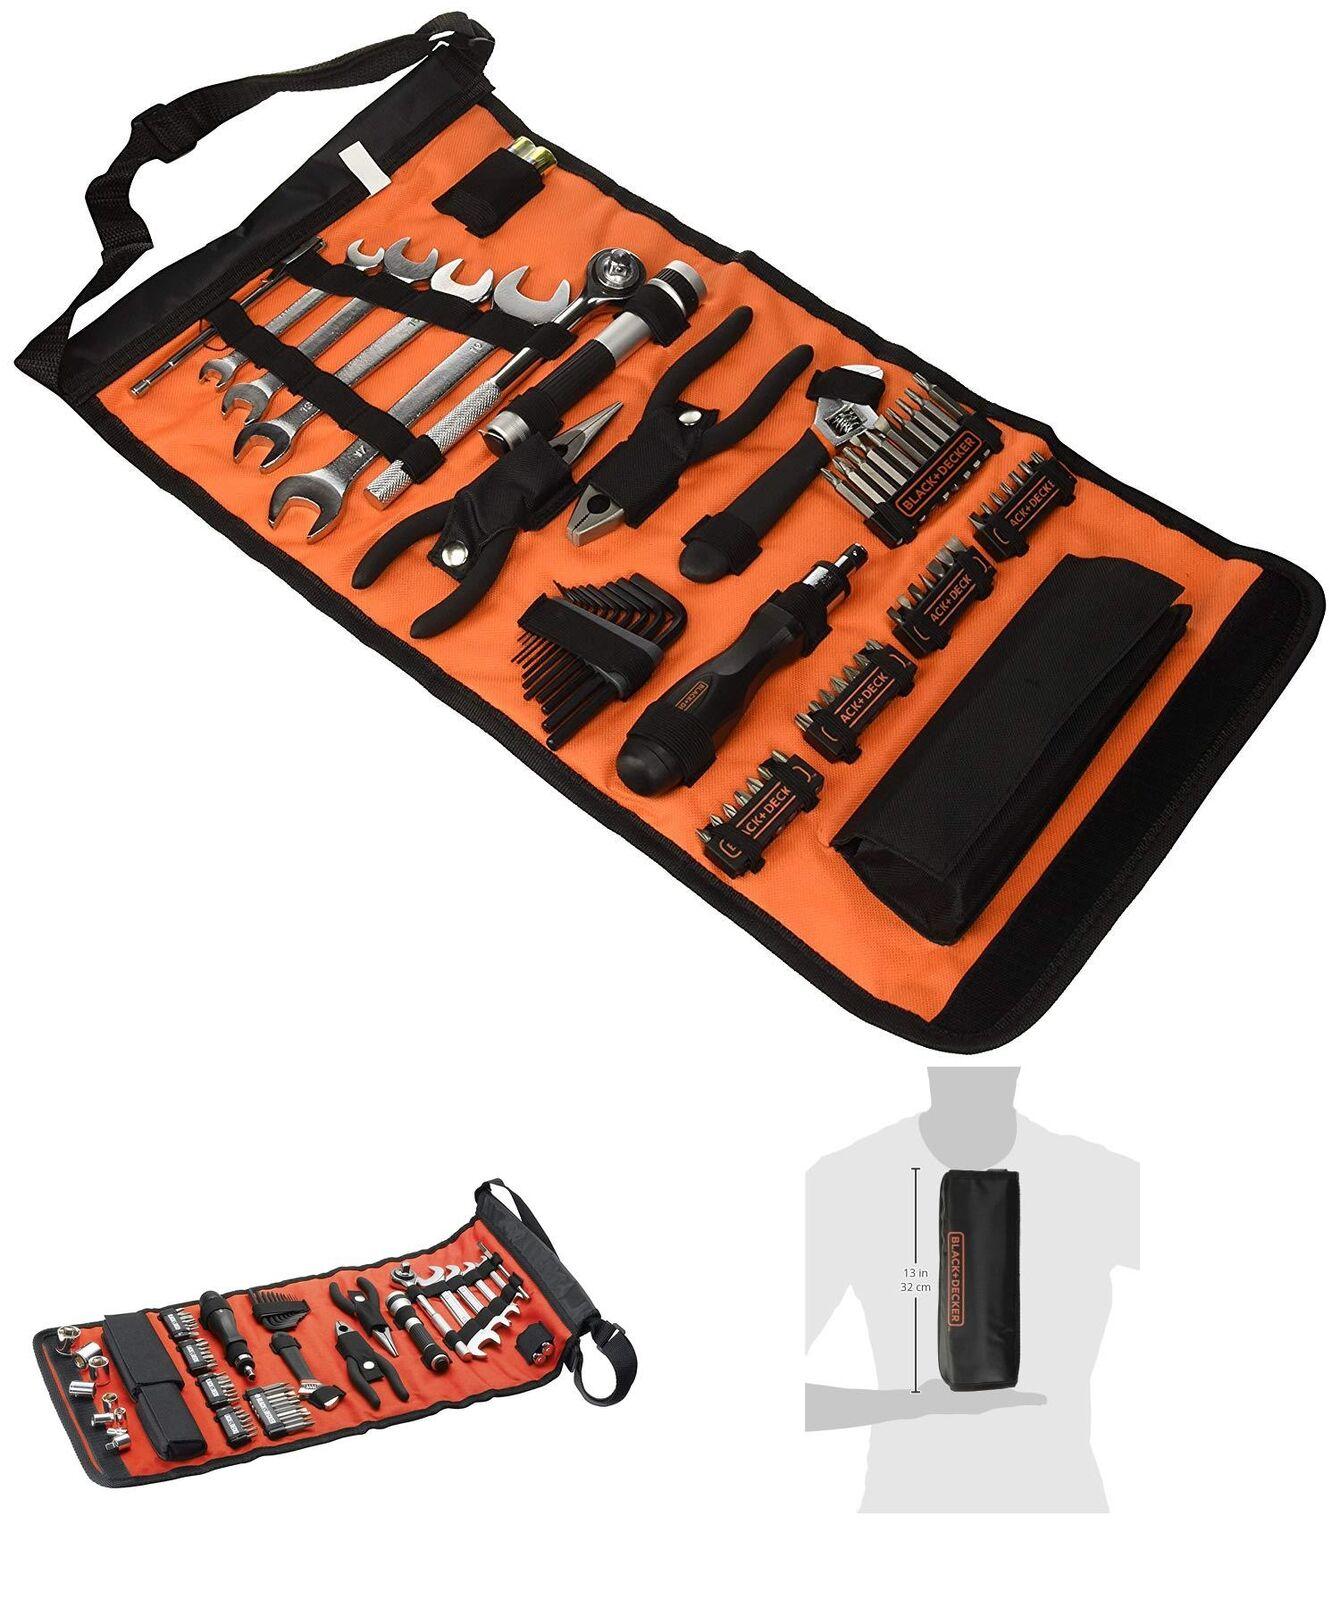 schwarz+Decker Rolltasche (Mit (Mit (Mit Autowerkzeugzubehör Taschenlampe Schrauberklinge 2e28ce